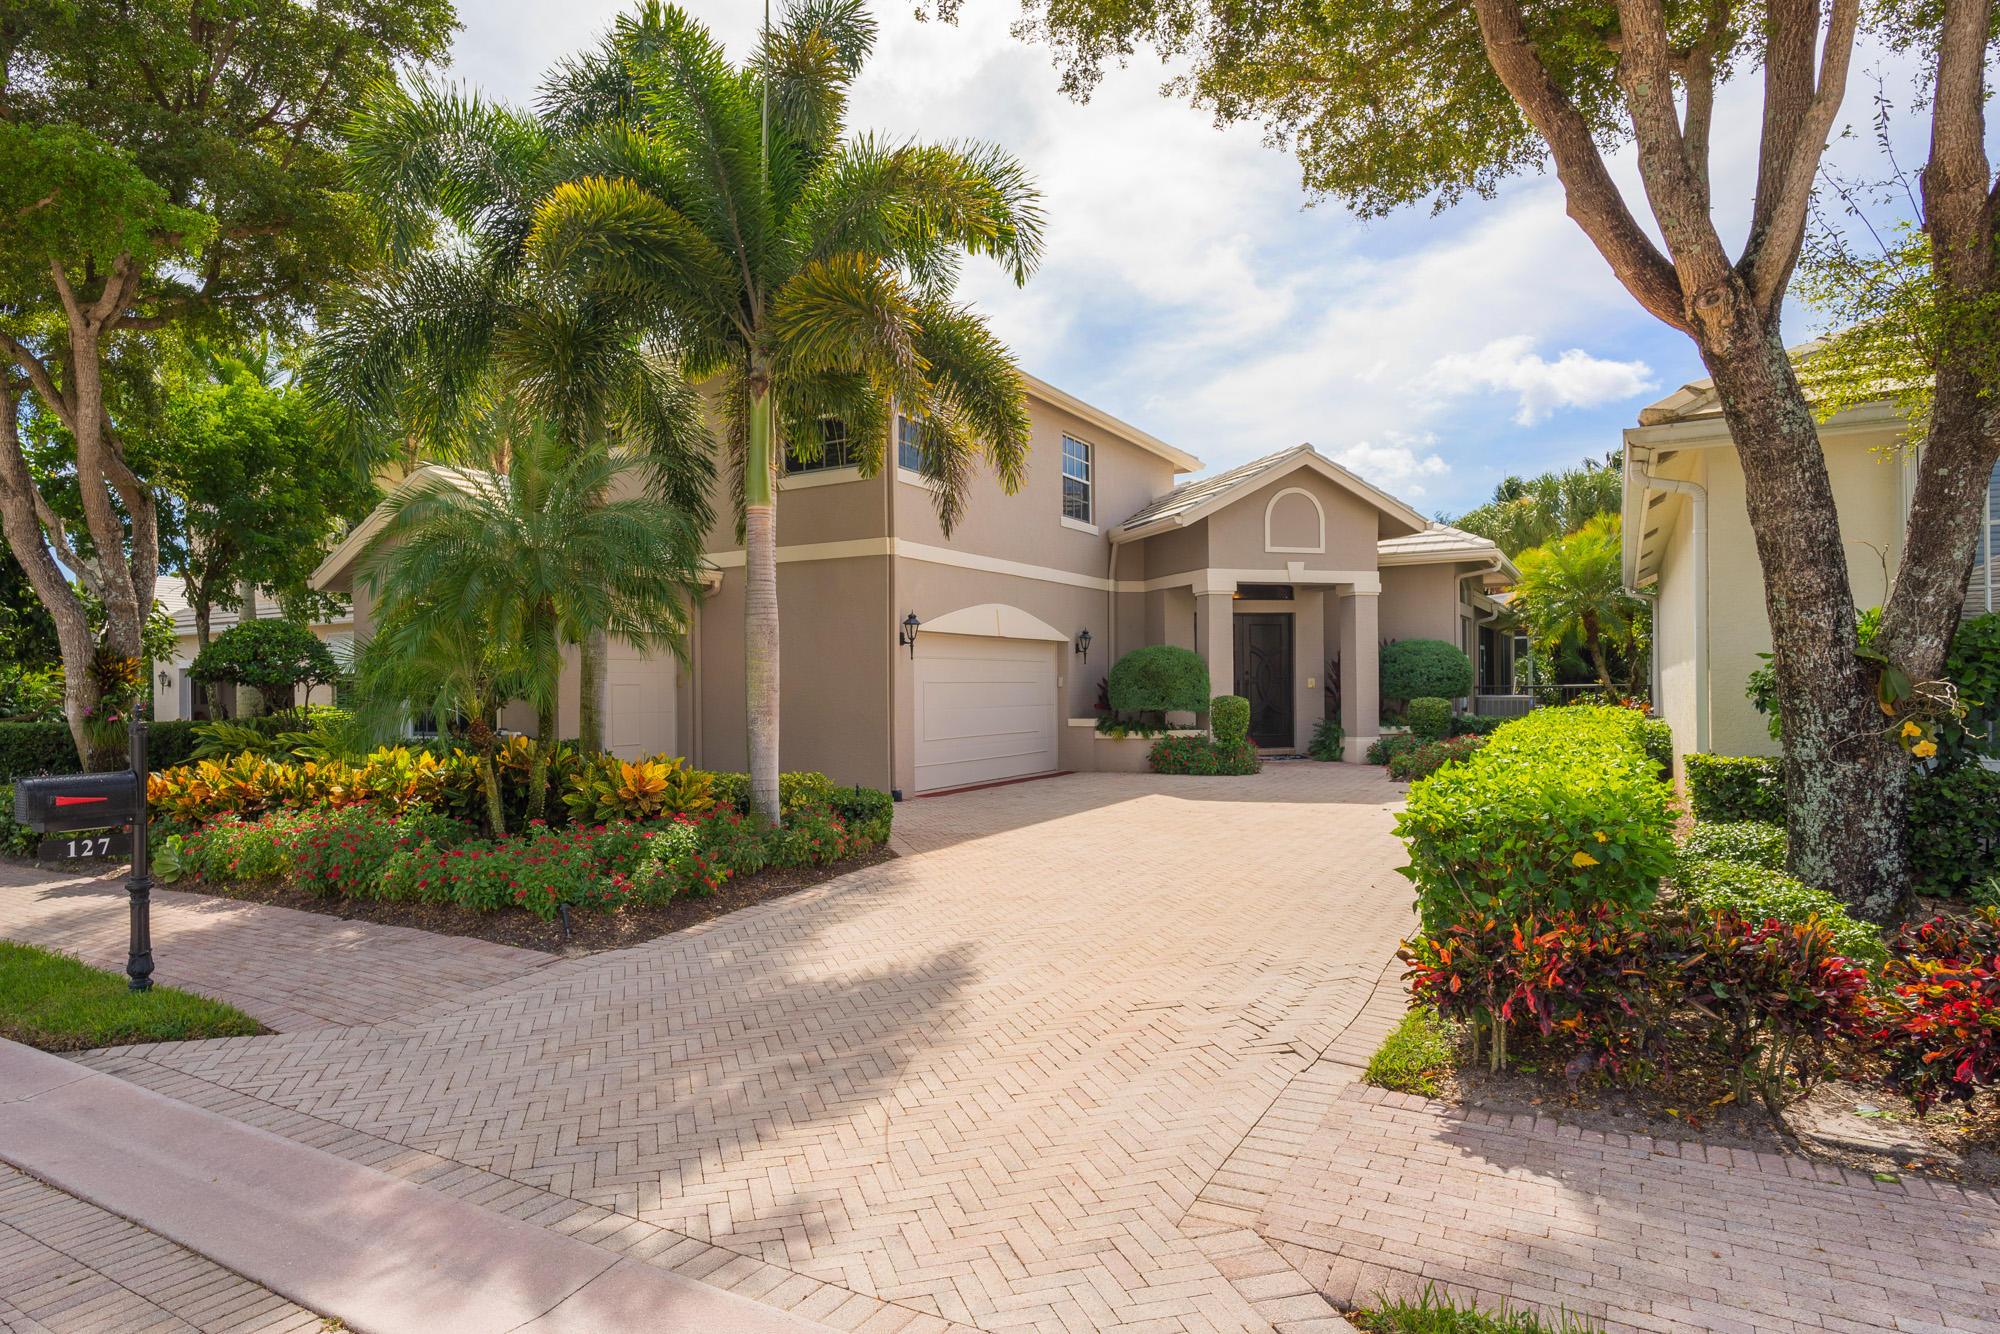 127 Victoria Bay Court, Palm Beach Gardens, Florida 33418, 4 Bedrooms Bedrooms, ,3 BathroomsBathrooms,F,Single family,Victoria Bay,RX-10479462